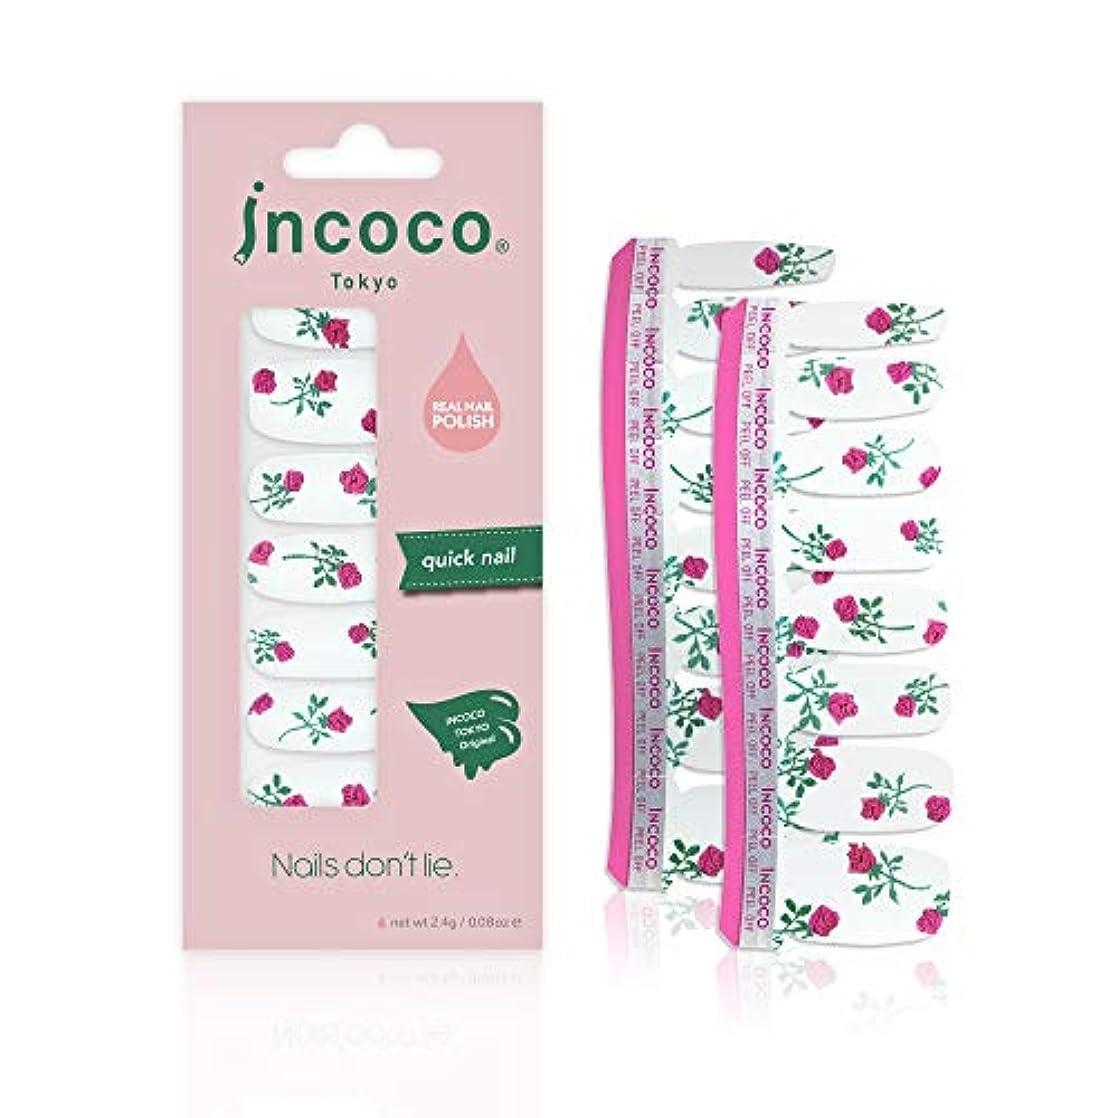 差し迫った帰る有益インココ トーキョー 「100 デイズ」 (100 Days)